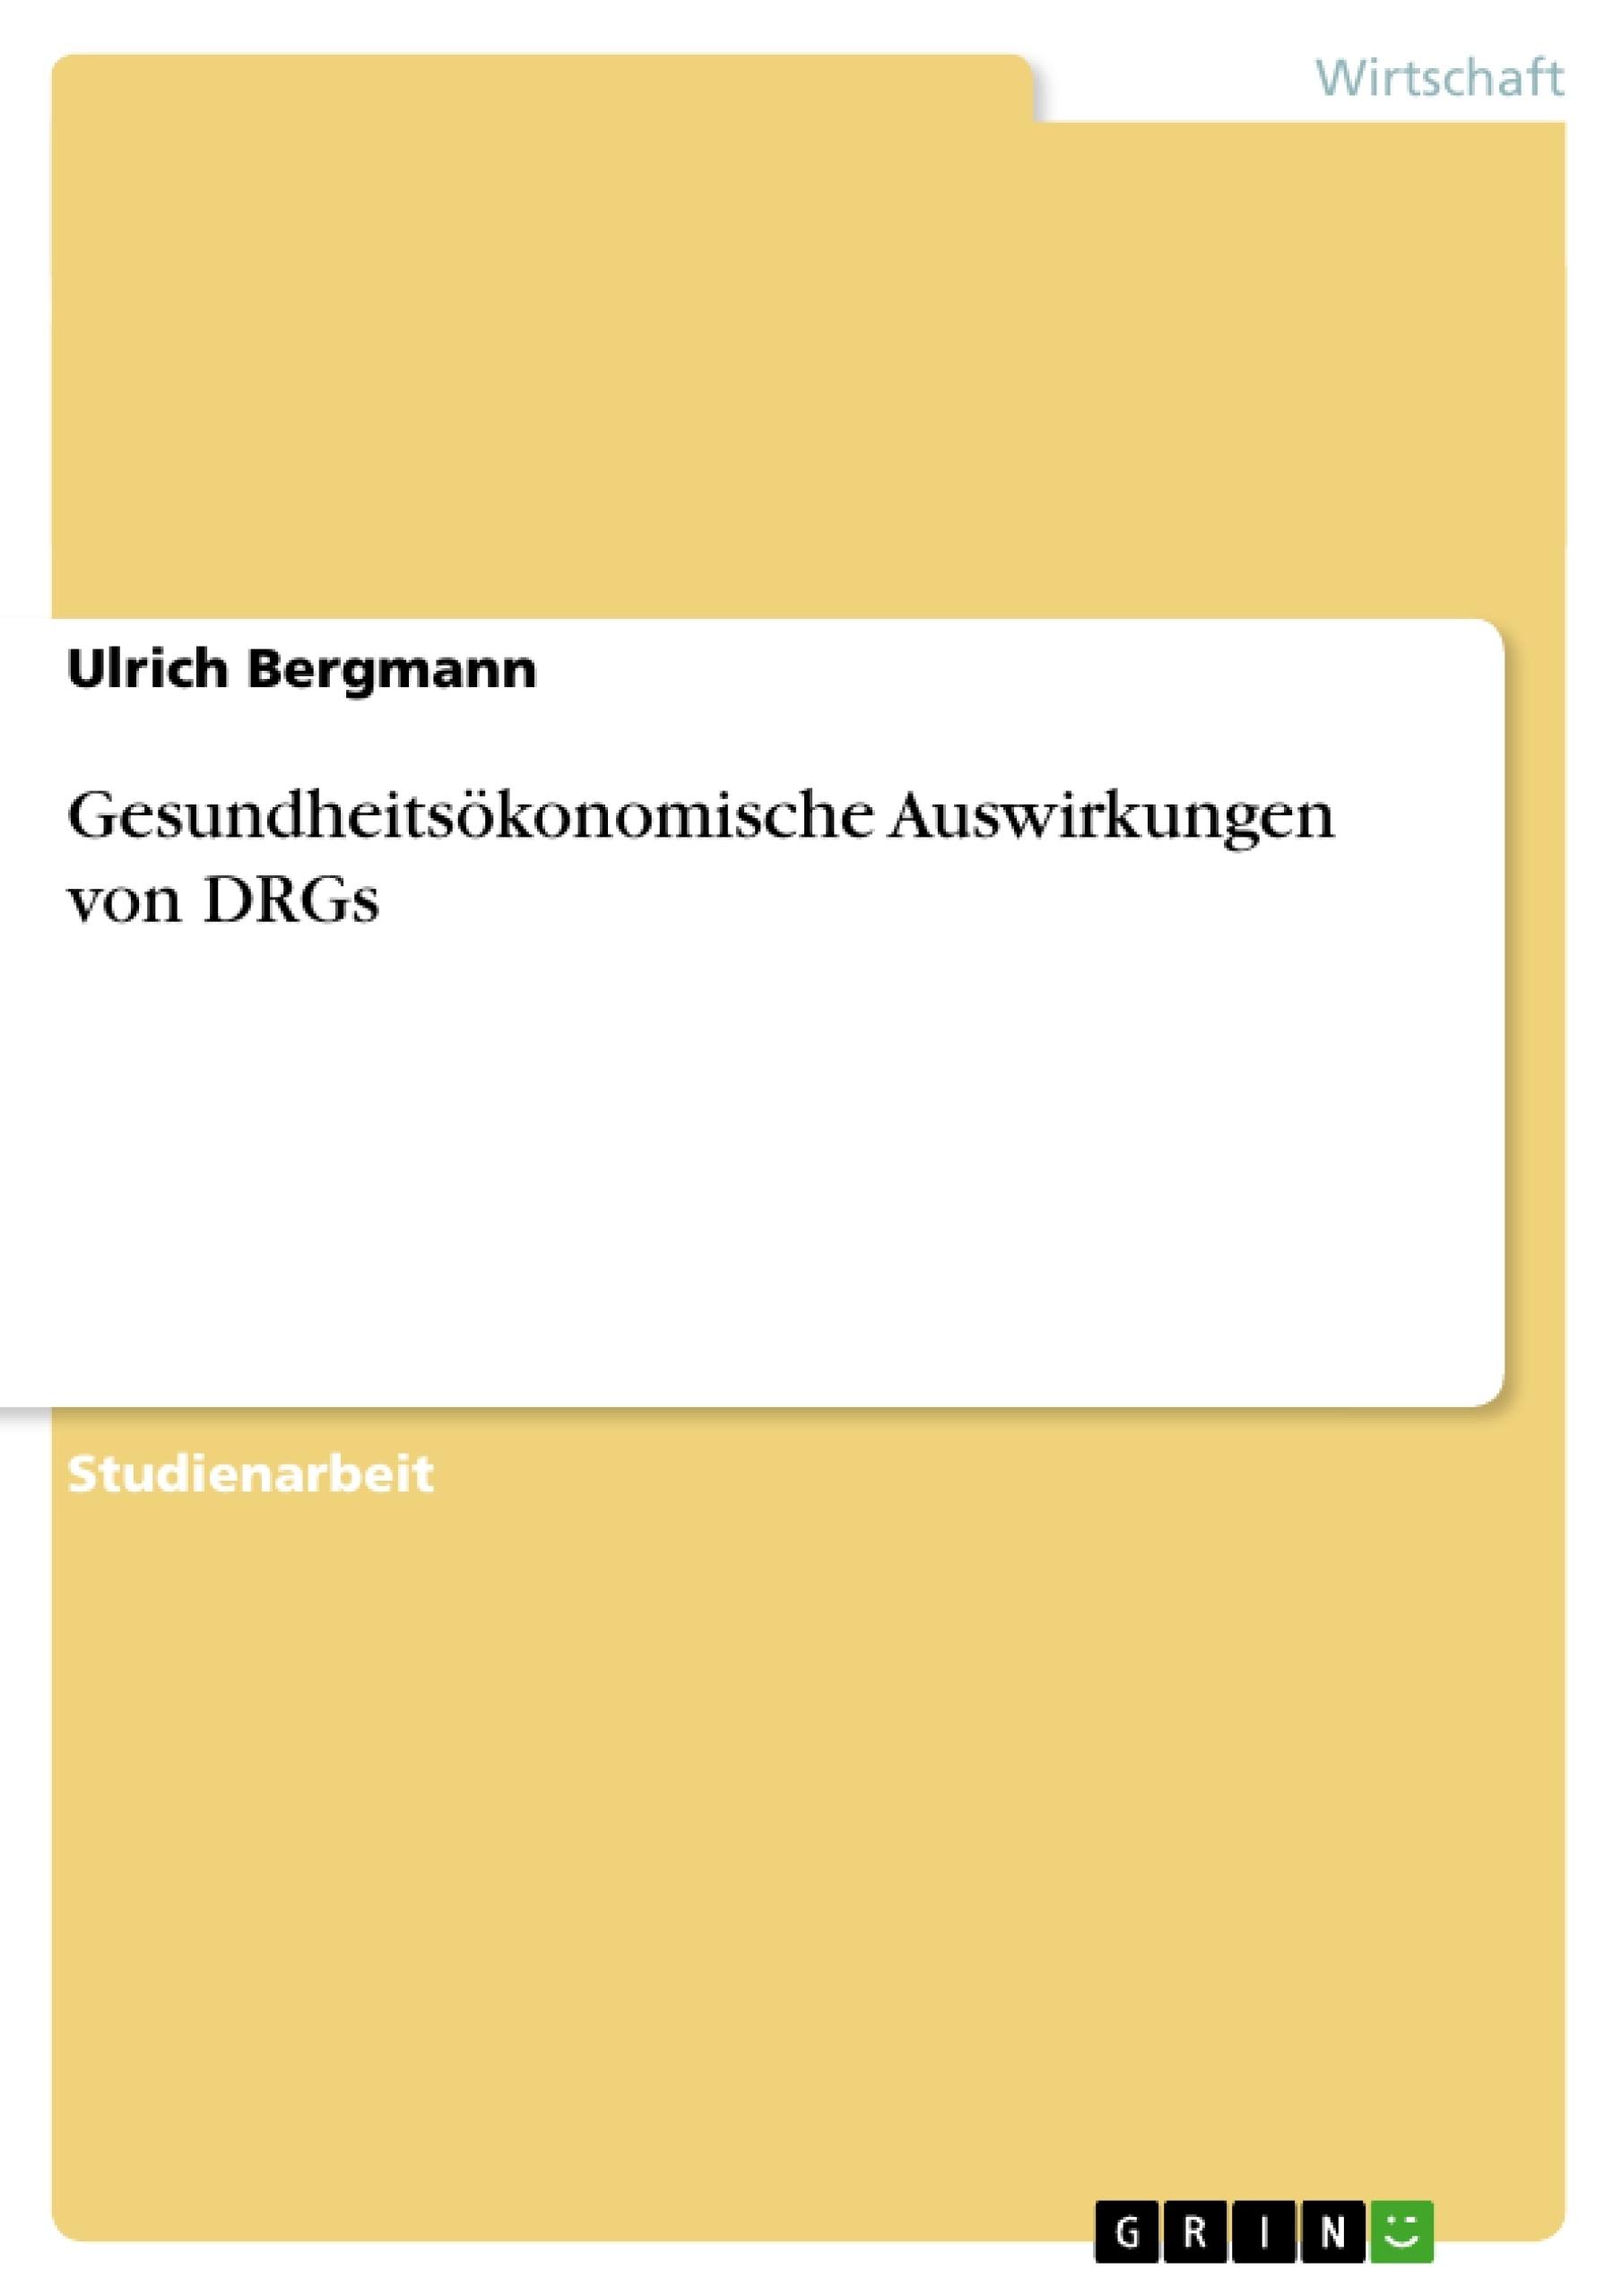 Titel: Gesundheitsökonomische Auswirkungen von DRGs